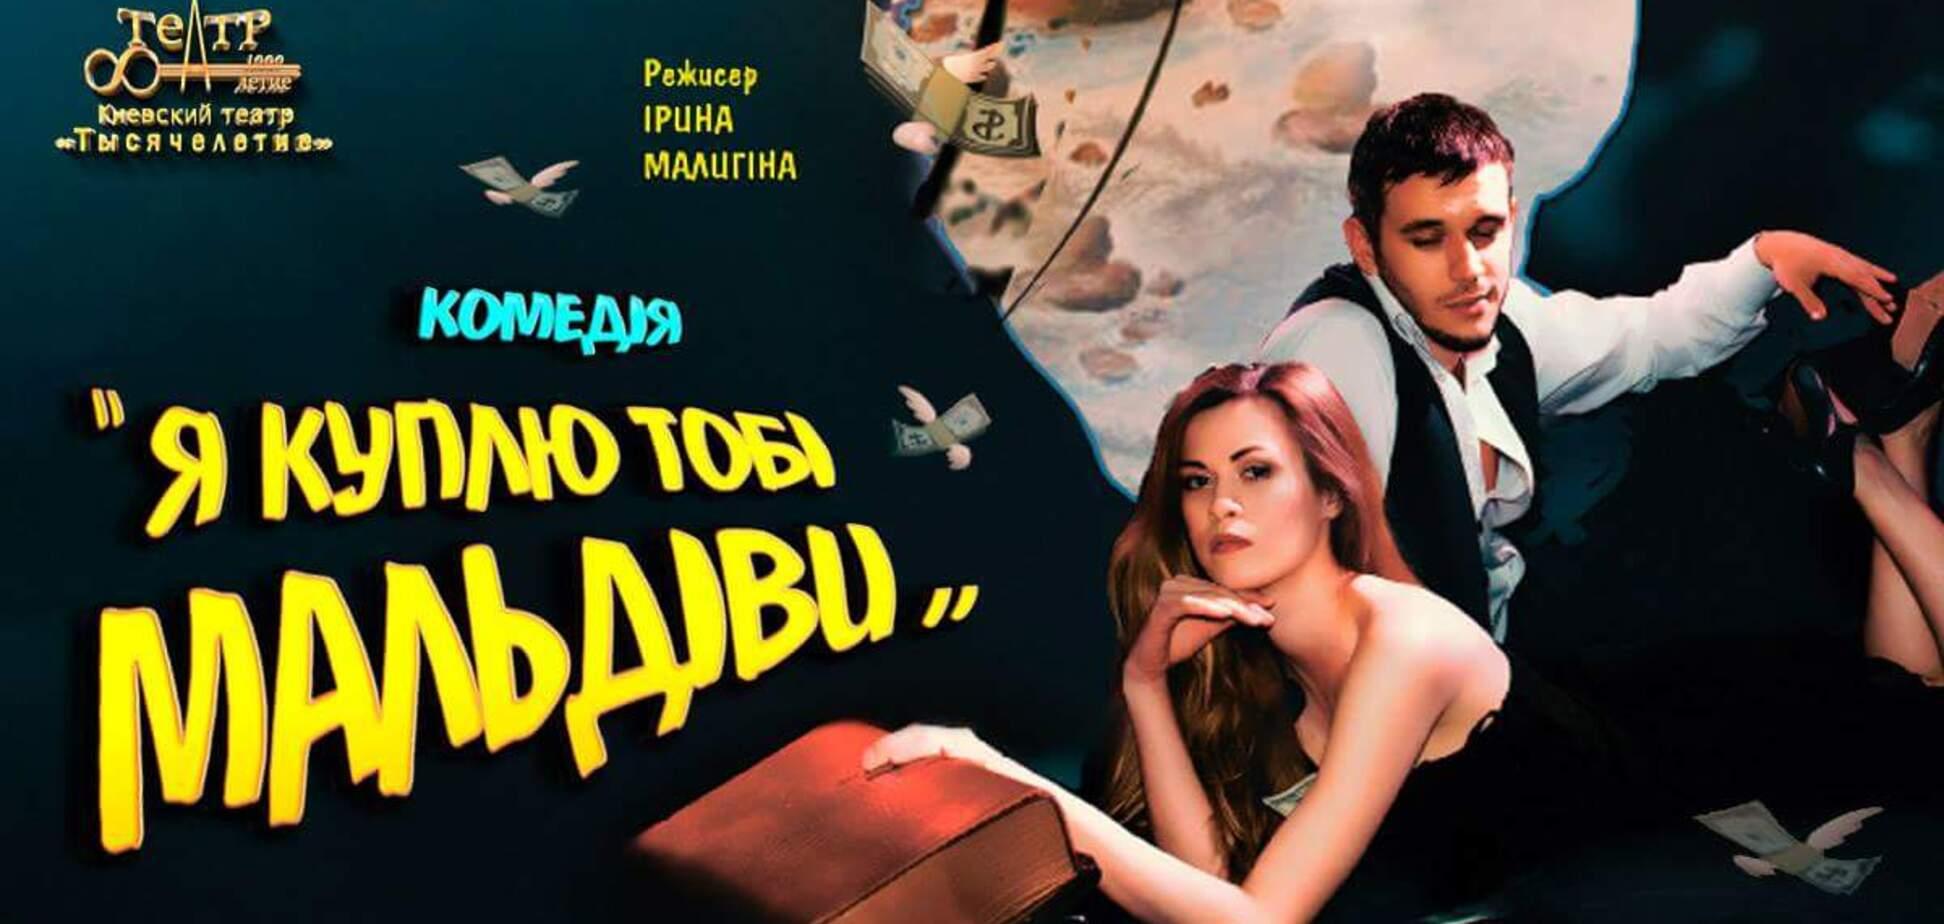 Во Дворце 'Украина' покажут блестящую комедию о деньгах и эротике